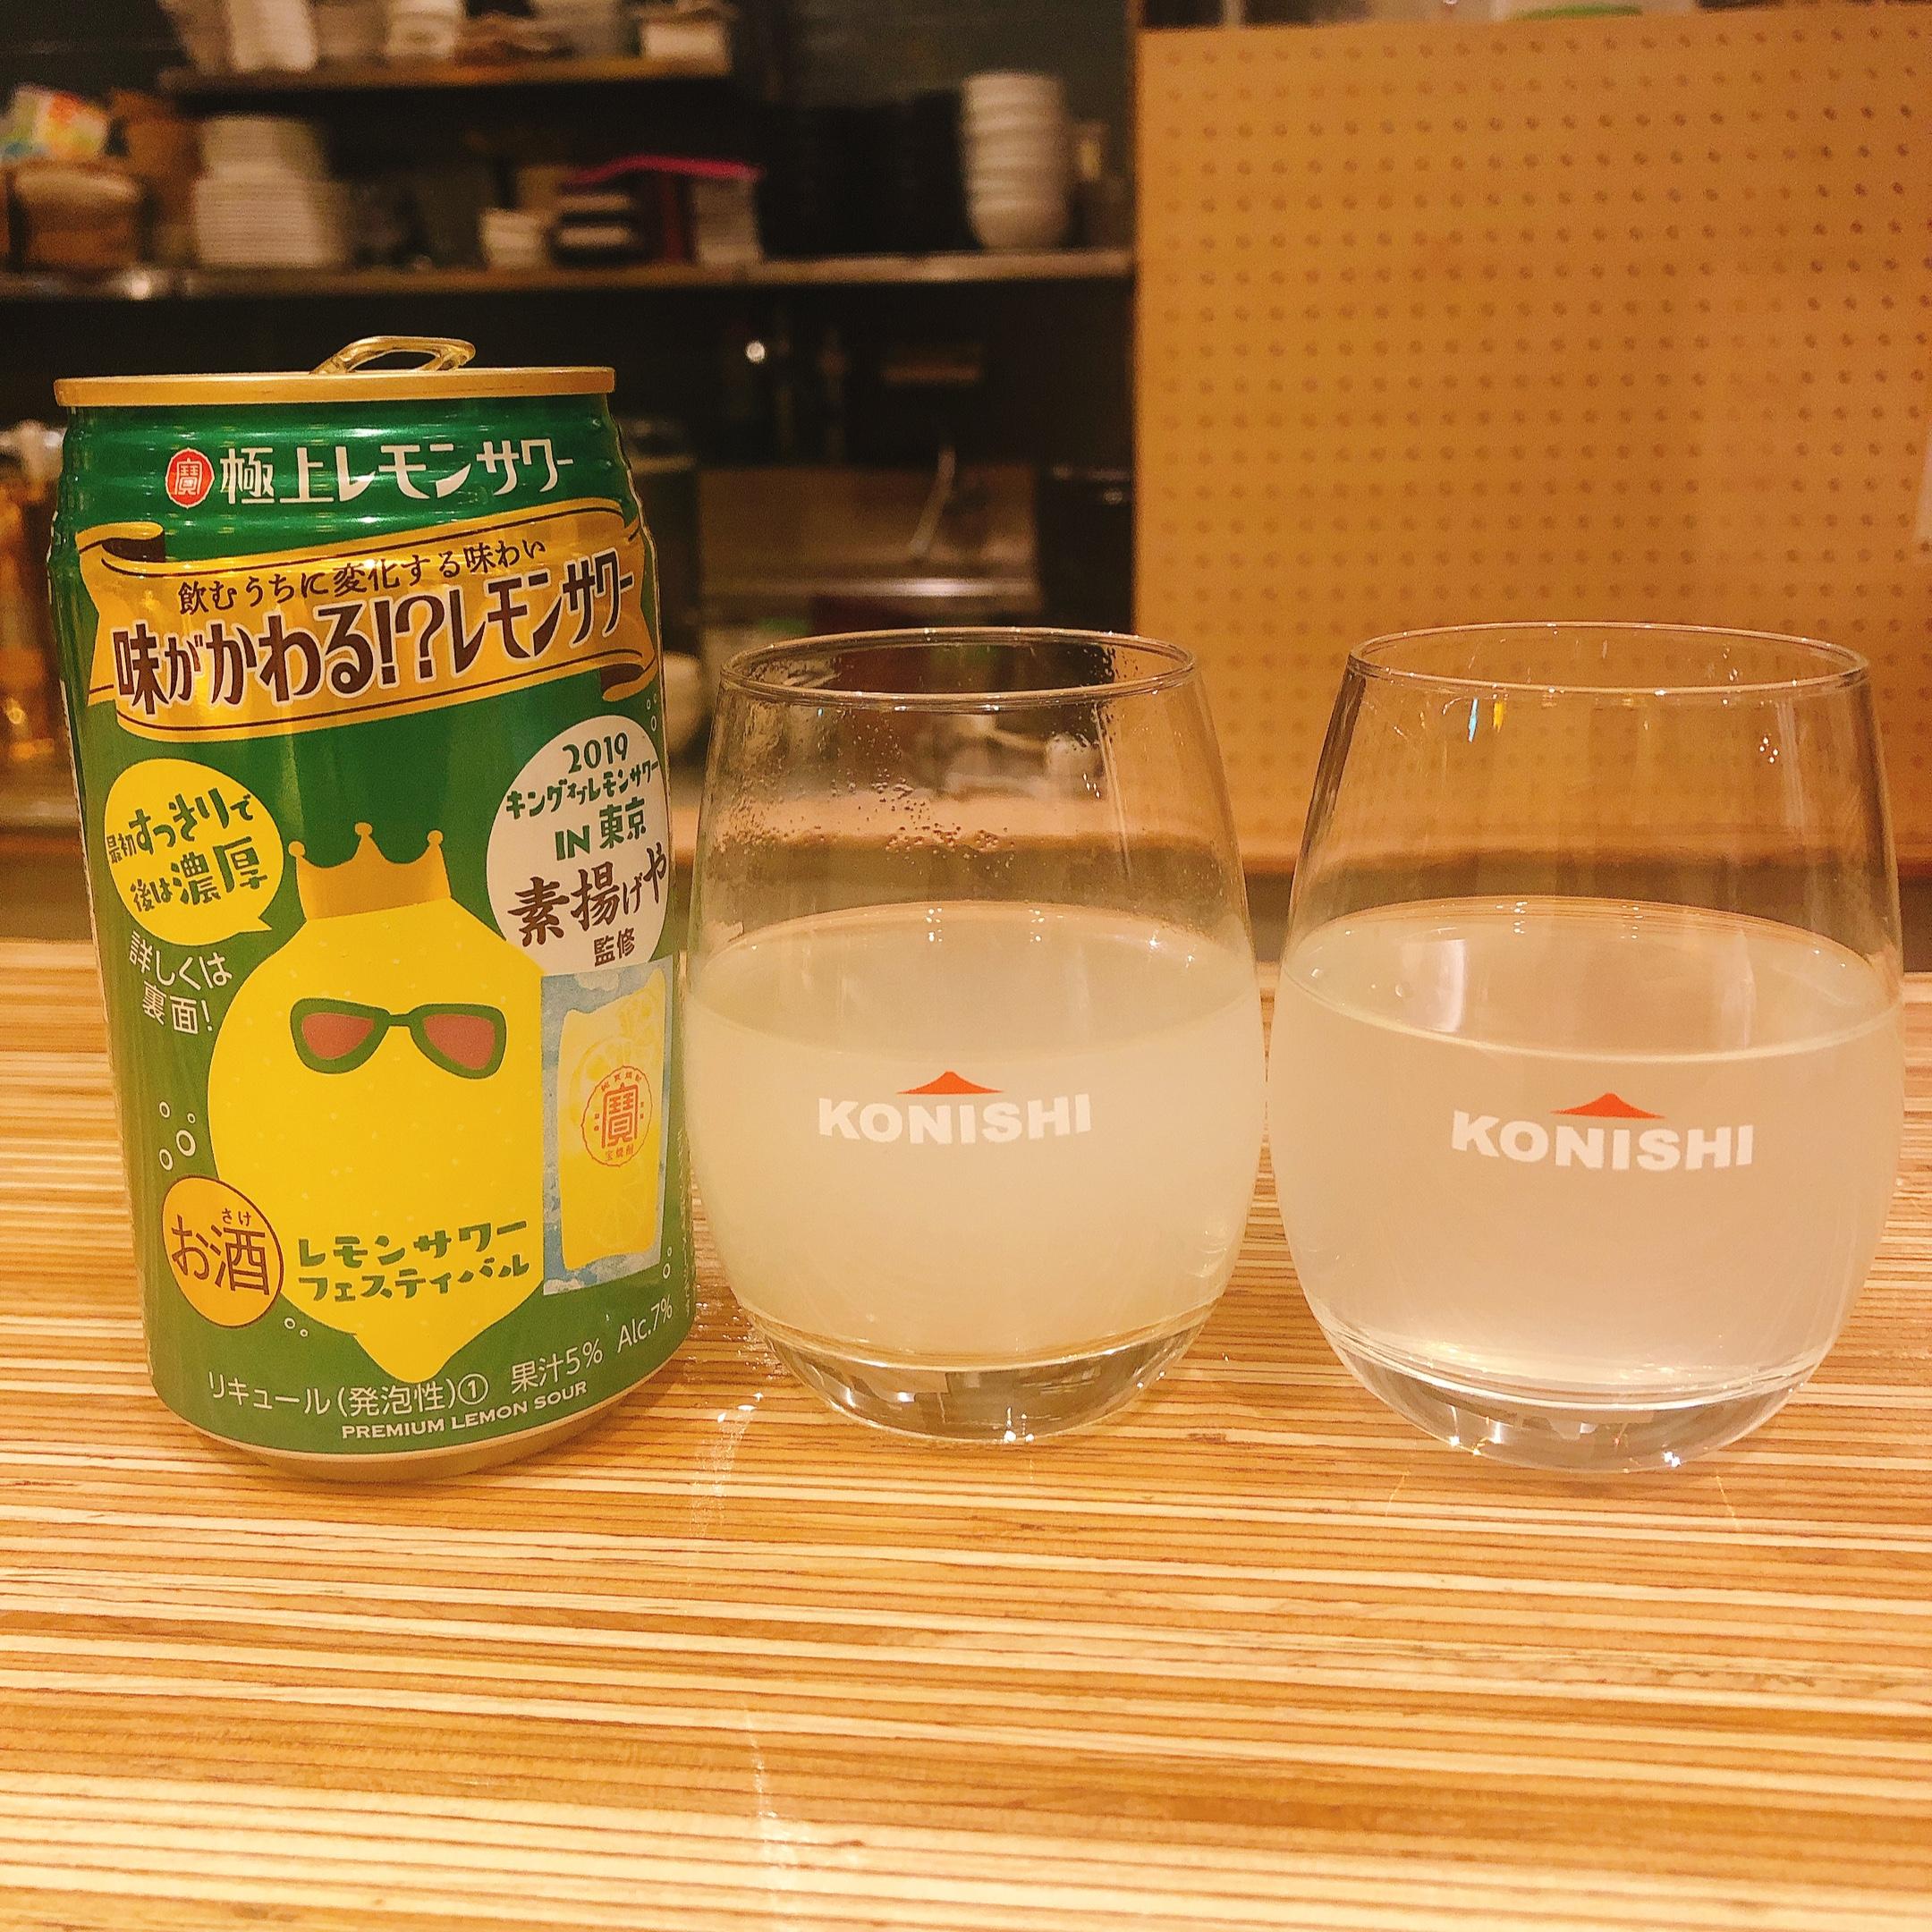 本日は味が変わると噂のレモンサワーーーーーーー!!!!!!!!!!!!!!!!!!!!!!!!!!!